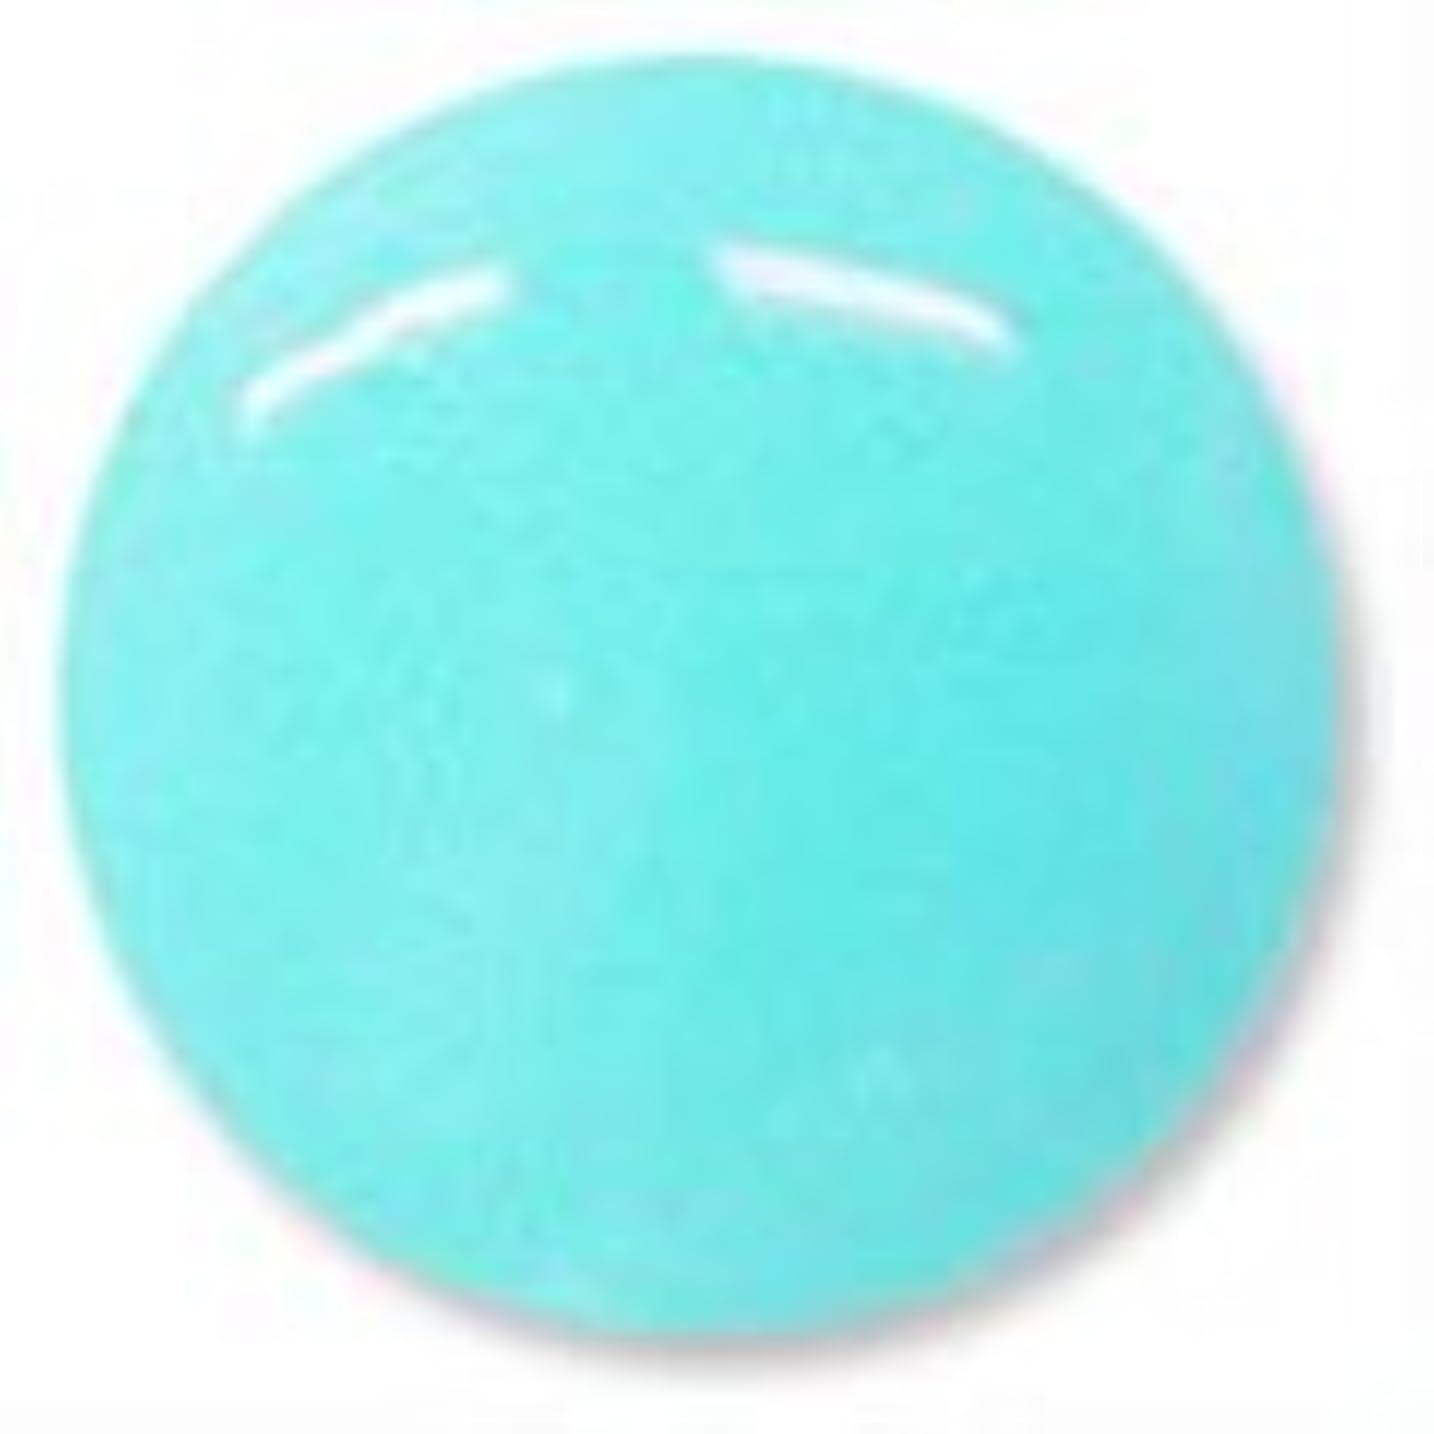 リサイクルする胚詐欺ライトブルー ソークオフジェル(ソフトジェル)LED/UV対応 8g  NC035